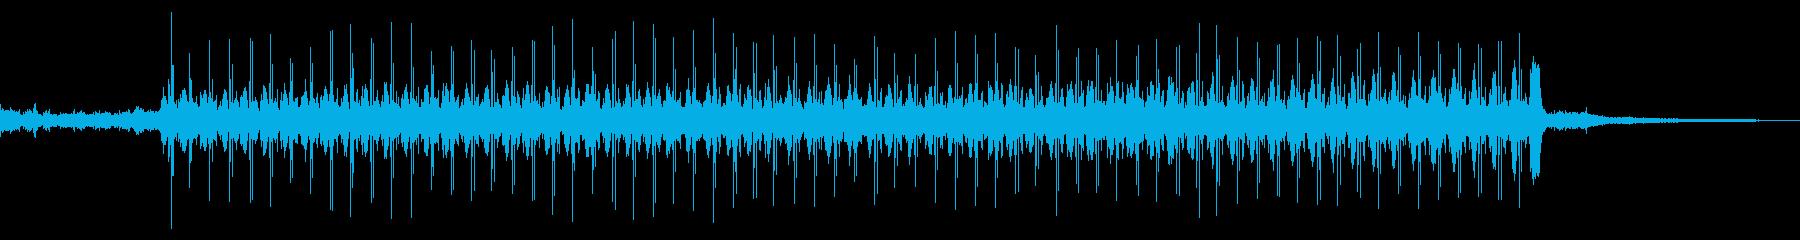 レタープレス:開始、実行、停止、工...の再生済みの波形